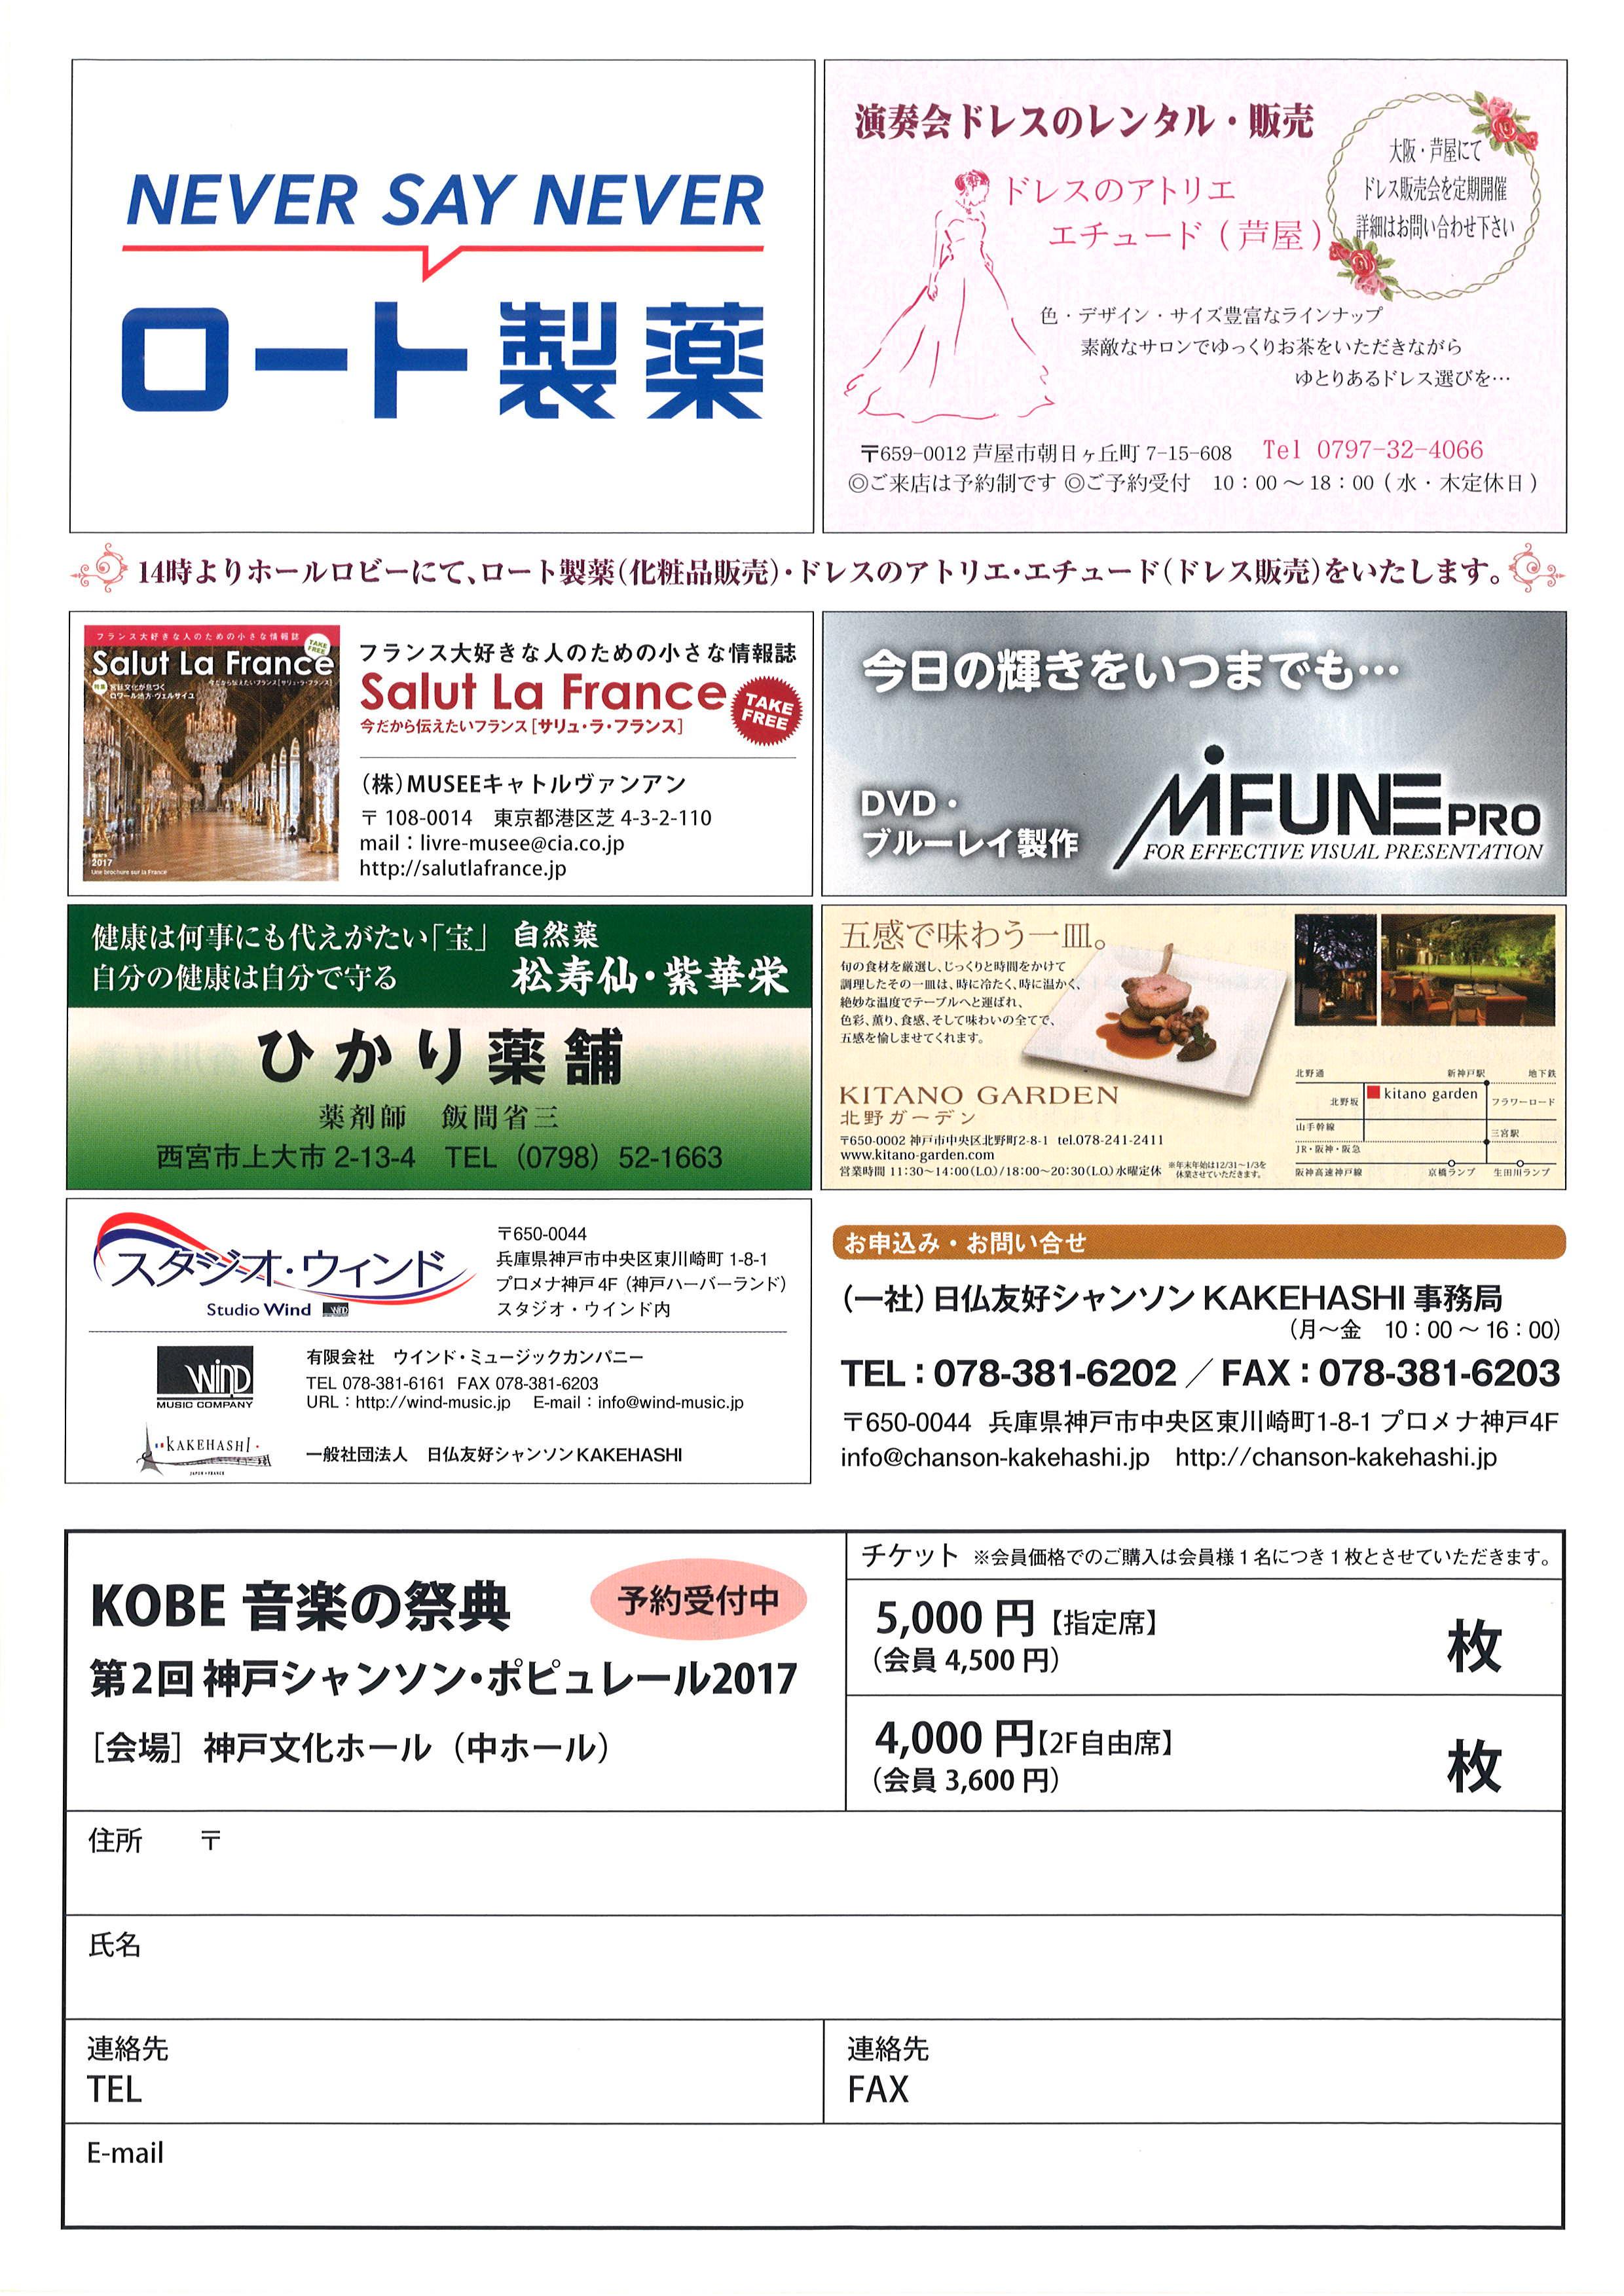 2017/06/20170902神戸シャンソン・ポピュレール02.jpg